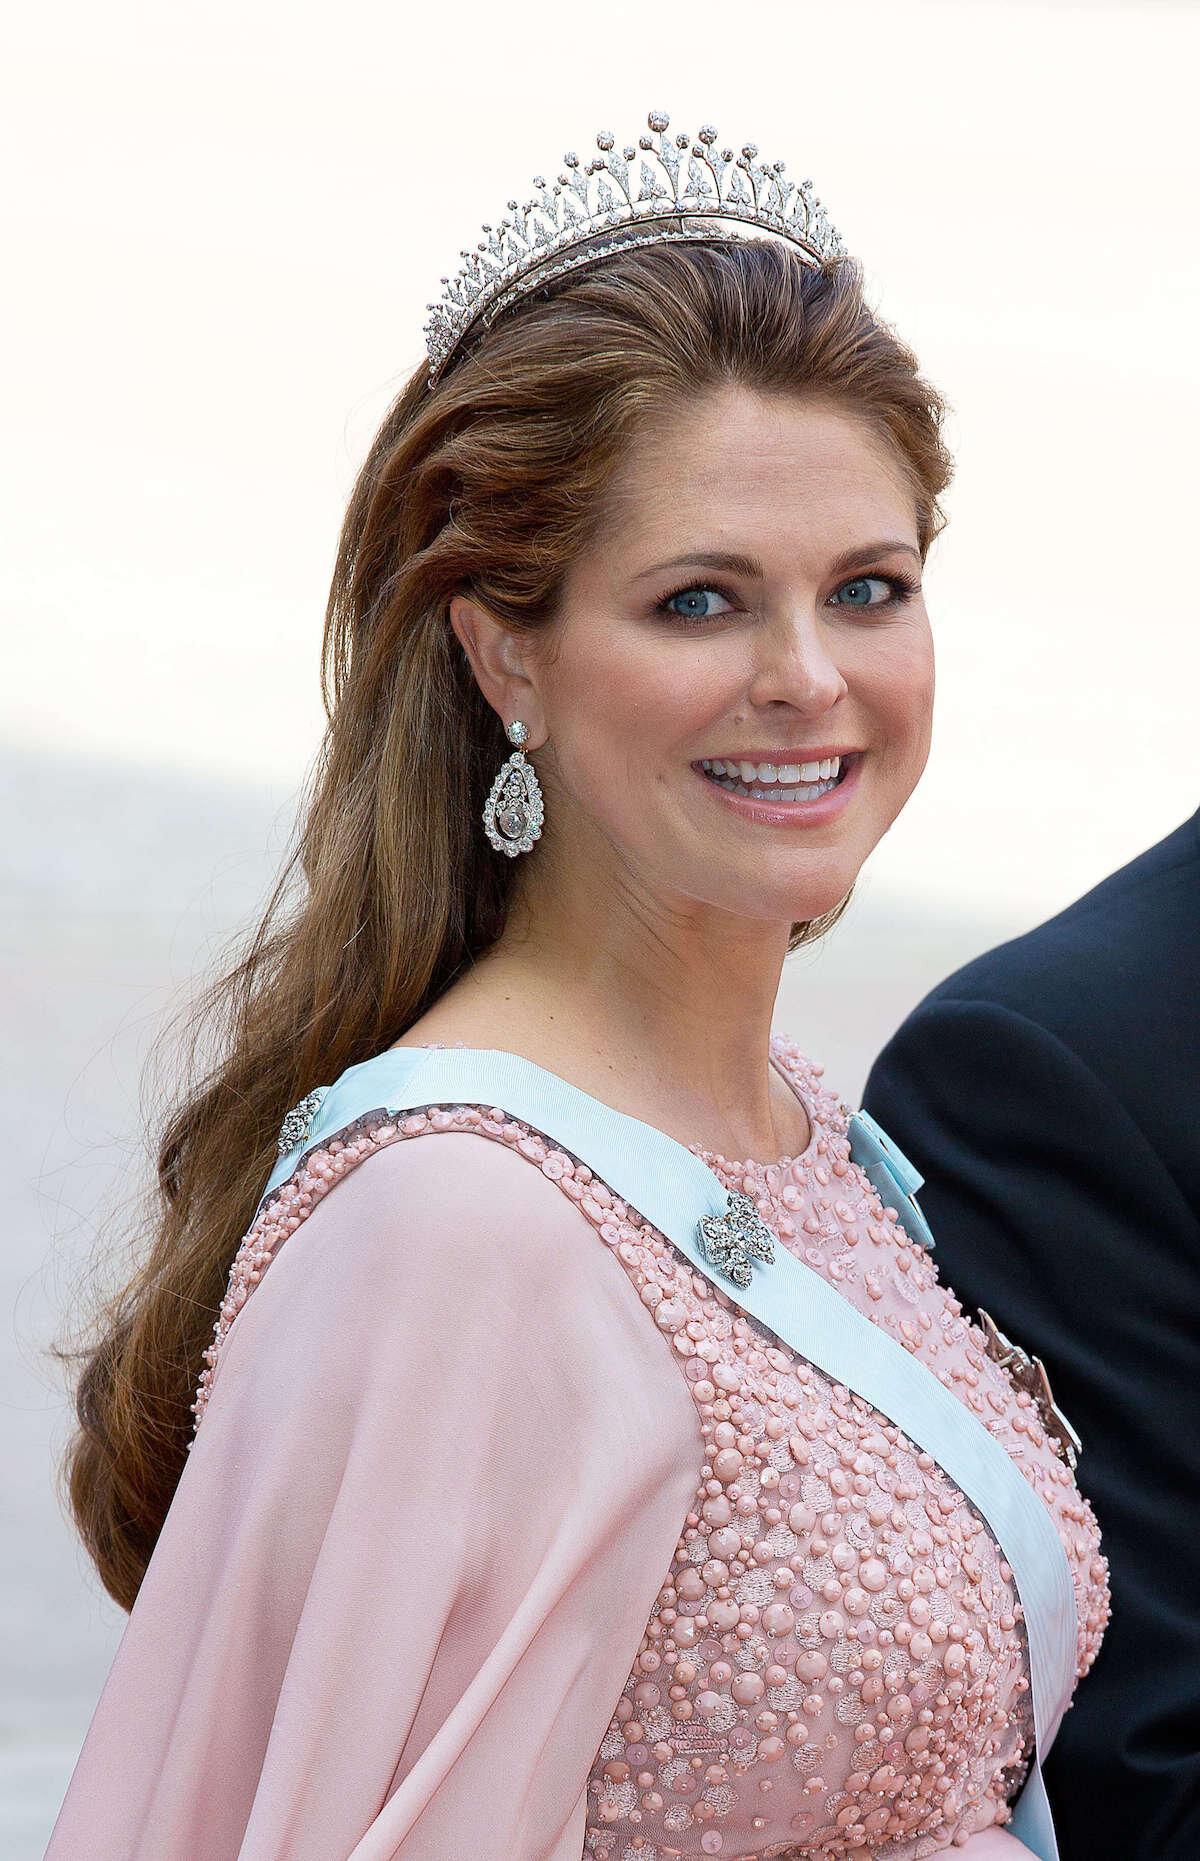 Prinzessin Madeleine trug die wertvollen Vasa-Ohrringe bereits zweimal in der Öffentlichkeit, Kronprinzessin Victoria traut sich nicht.  © dpa